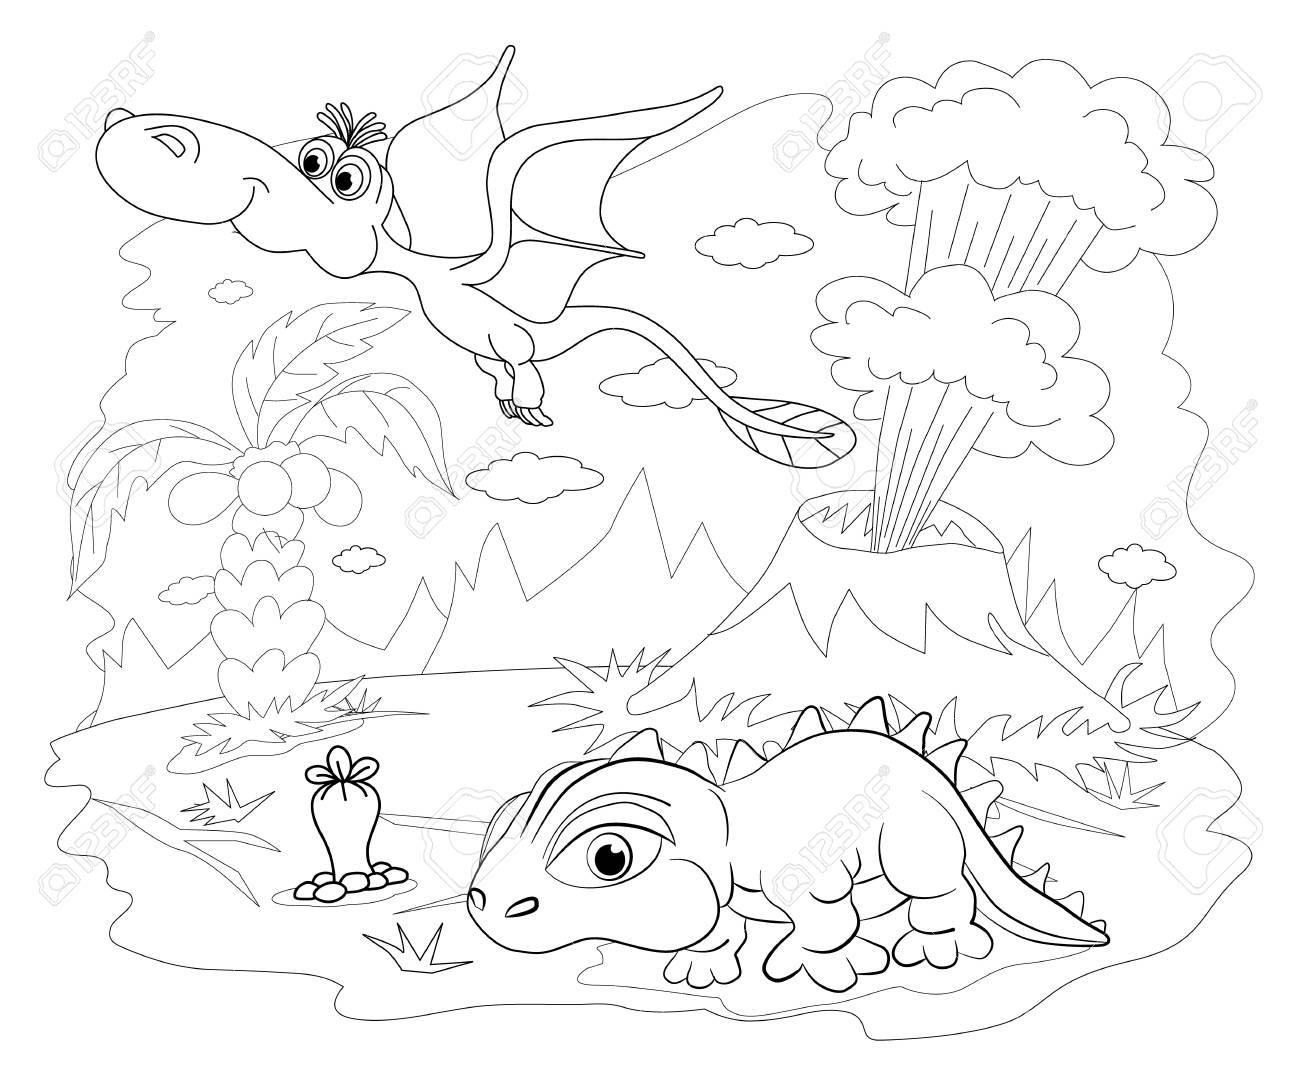 Livre De Coloriage Drôle De Dinosaure Dans Un Paysage Préhistorique Dessin Animé Et Vecteur Isolé Caractère Sur Fond